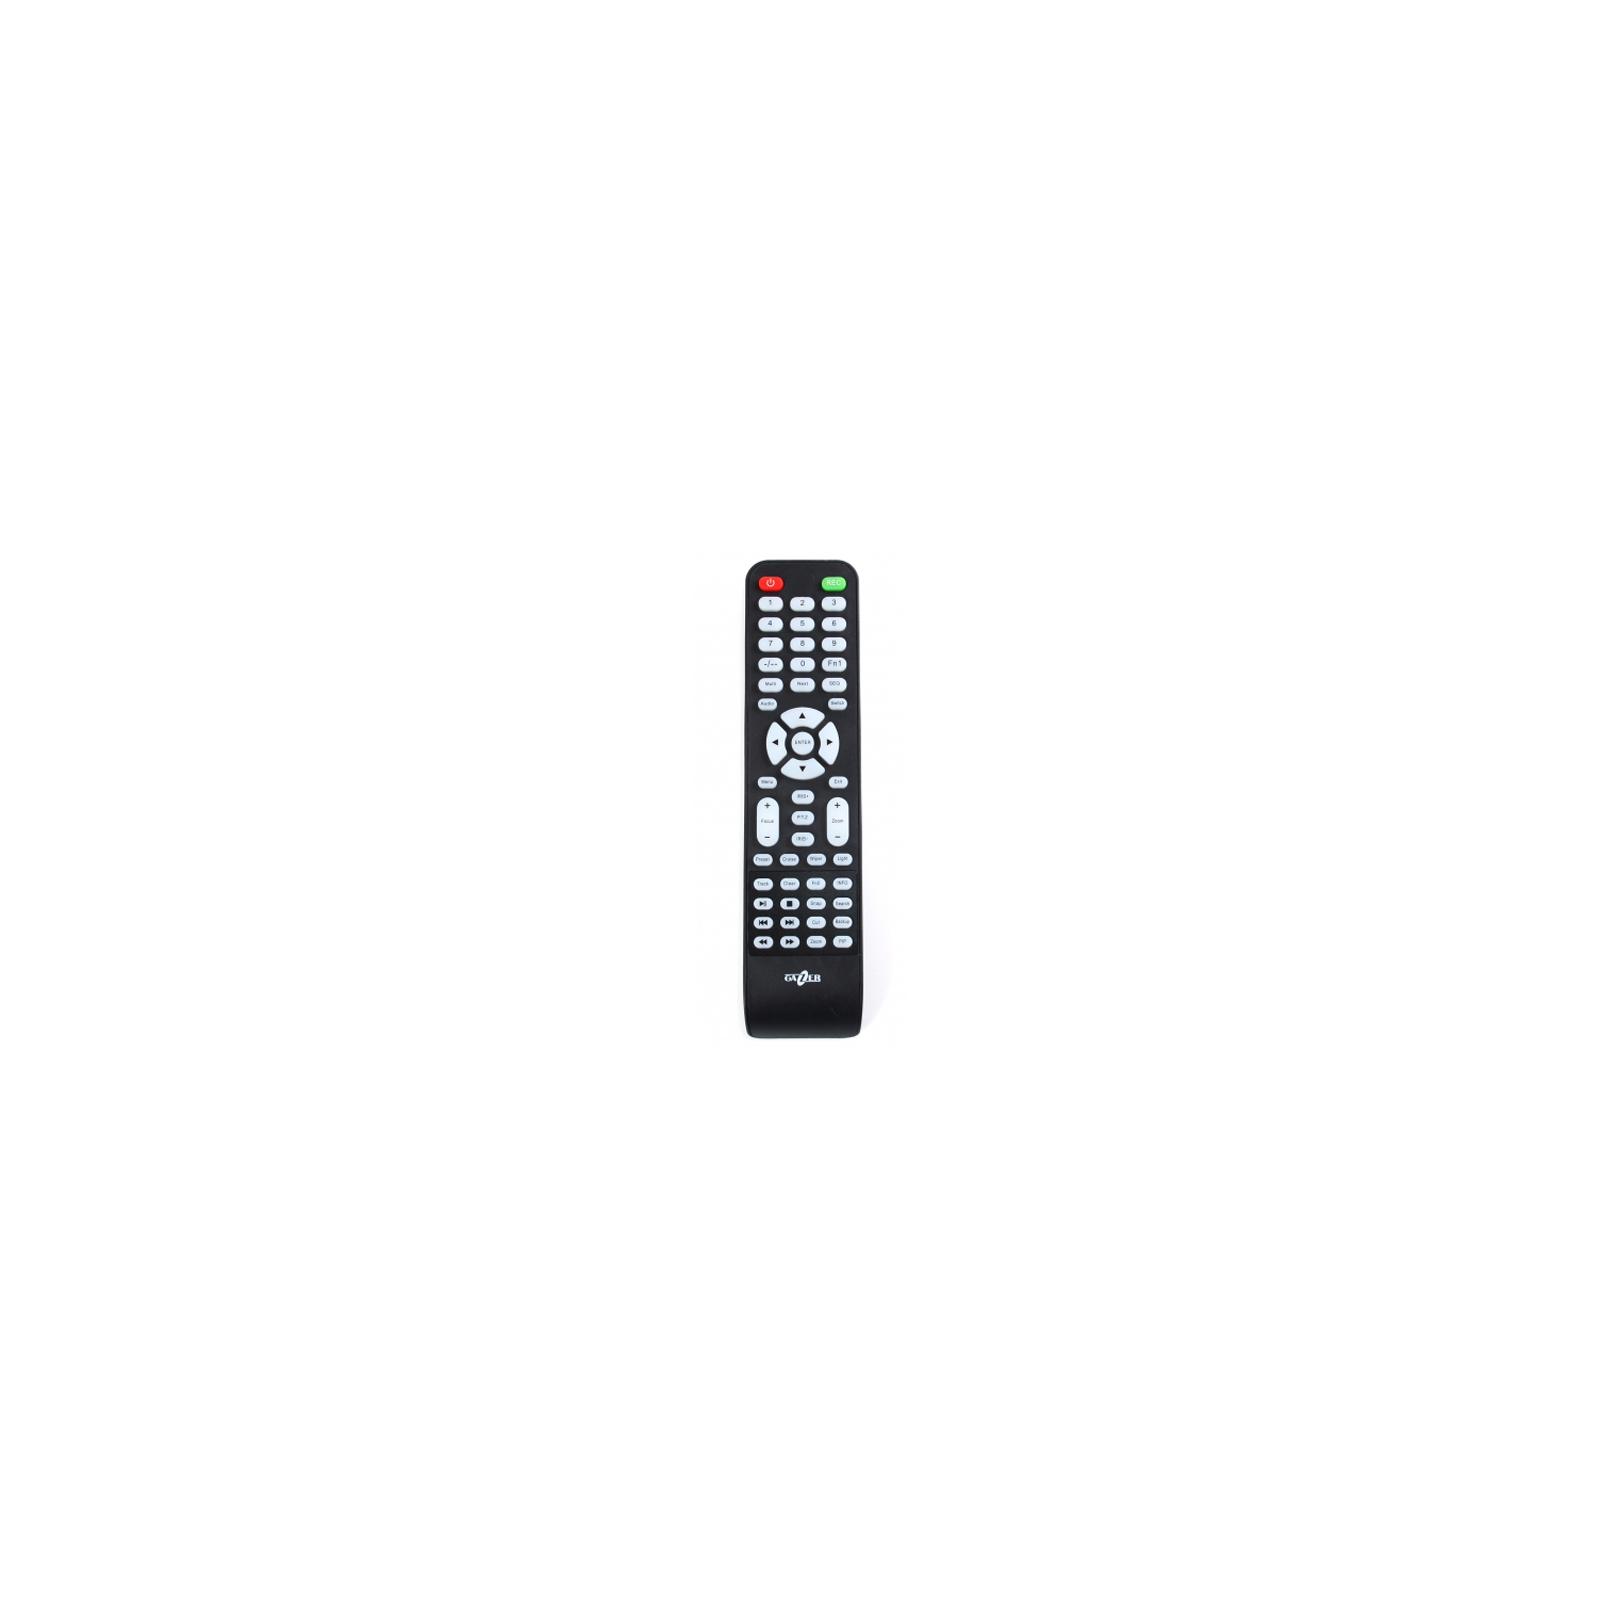 Регистратор для видеонаблюдения Gazer NS2232r изображение 5